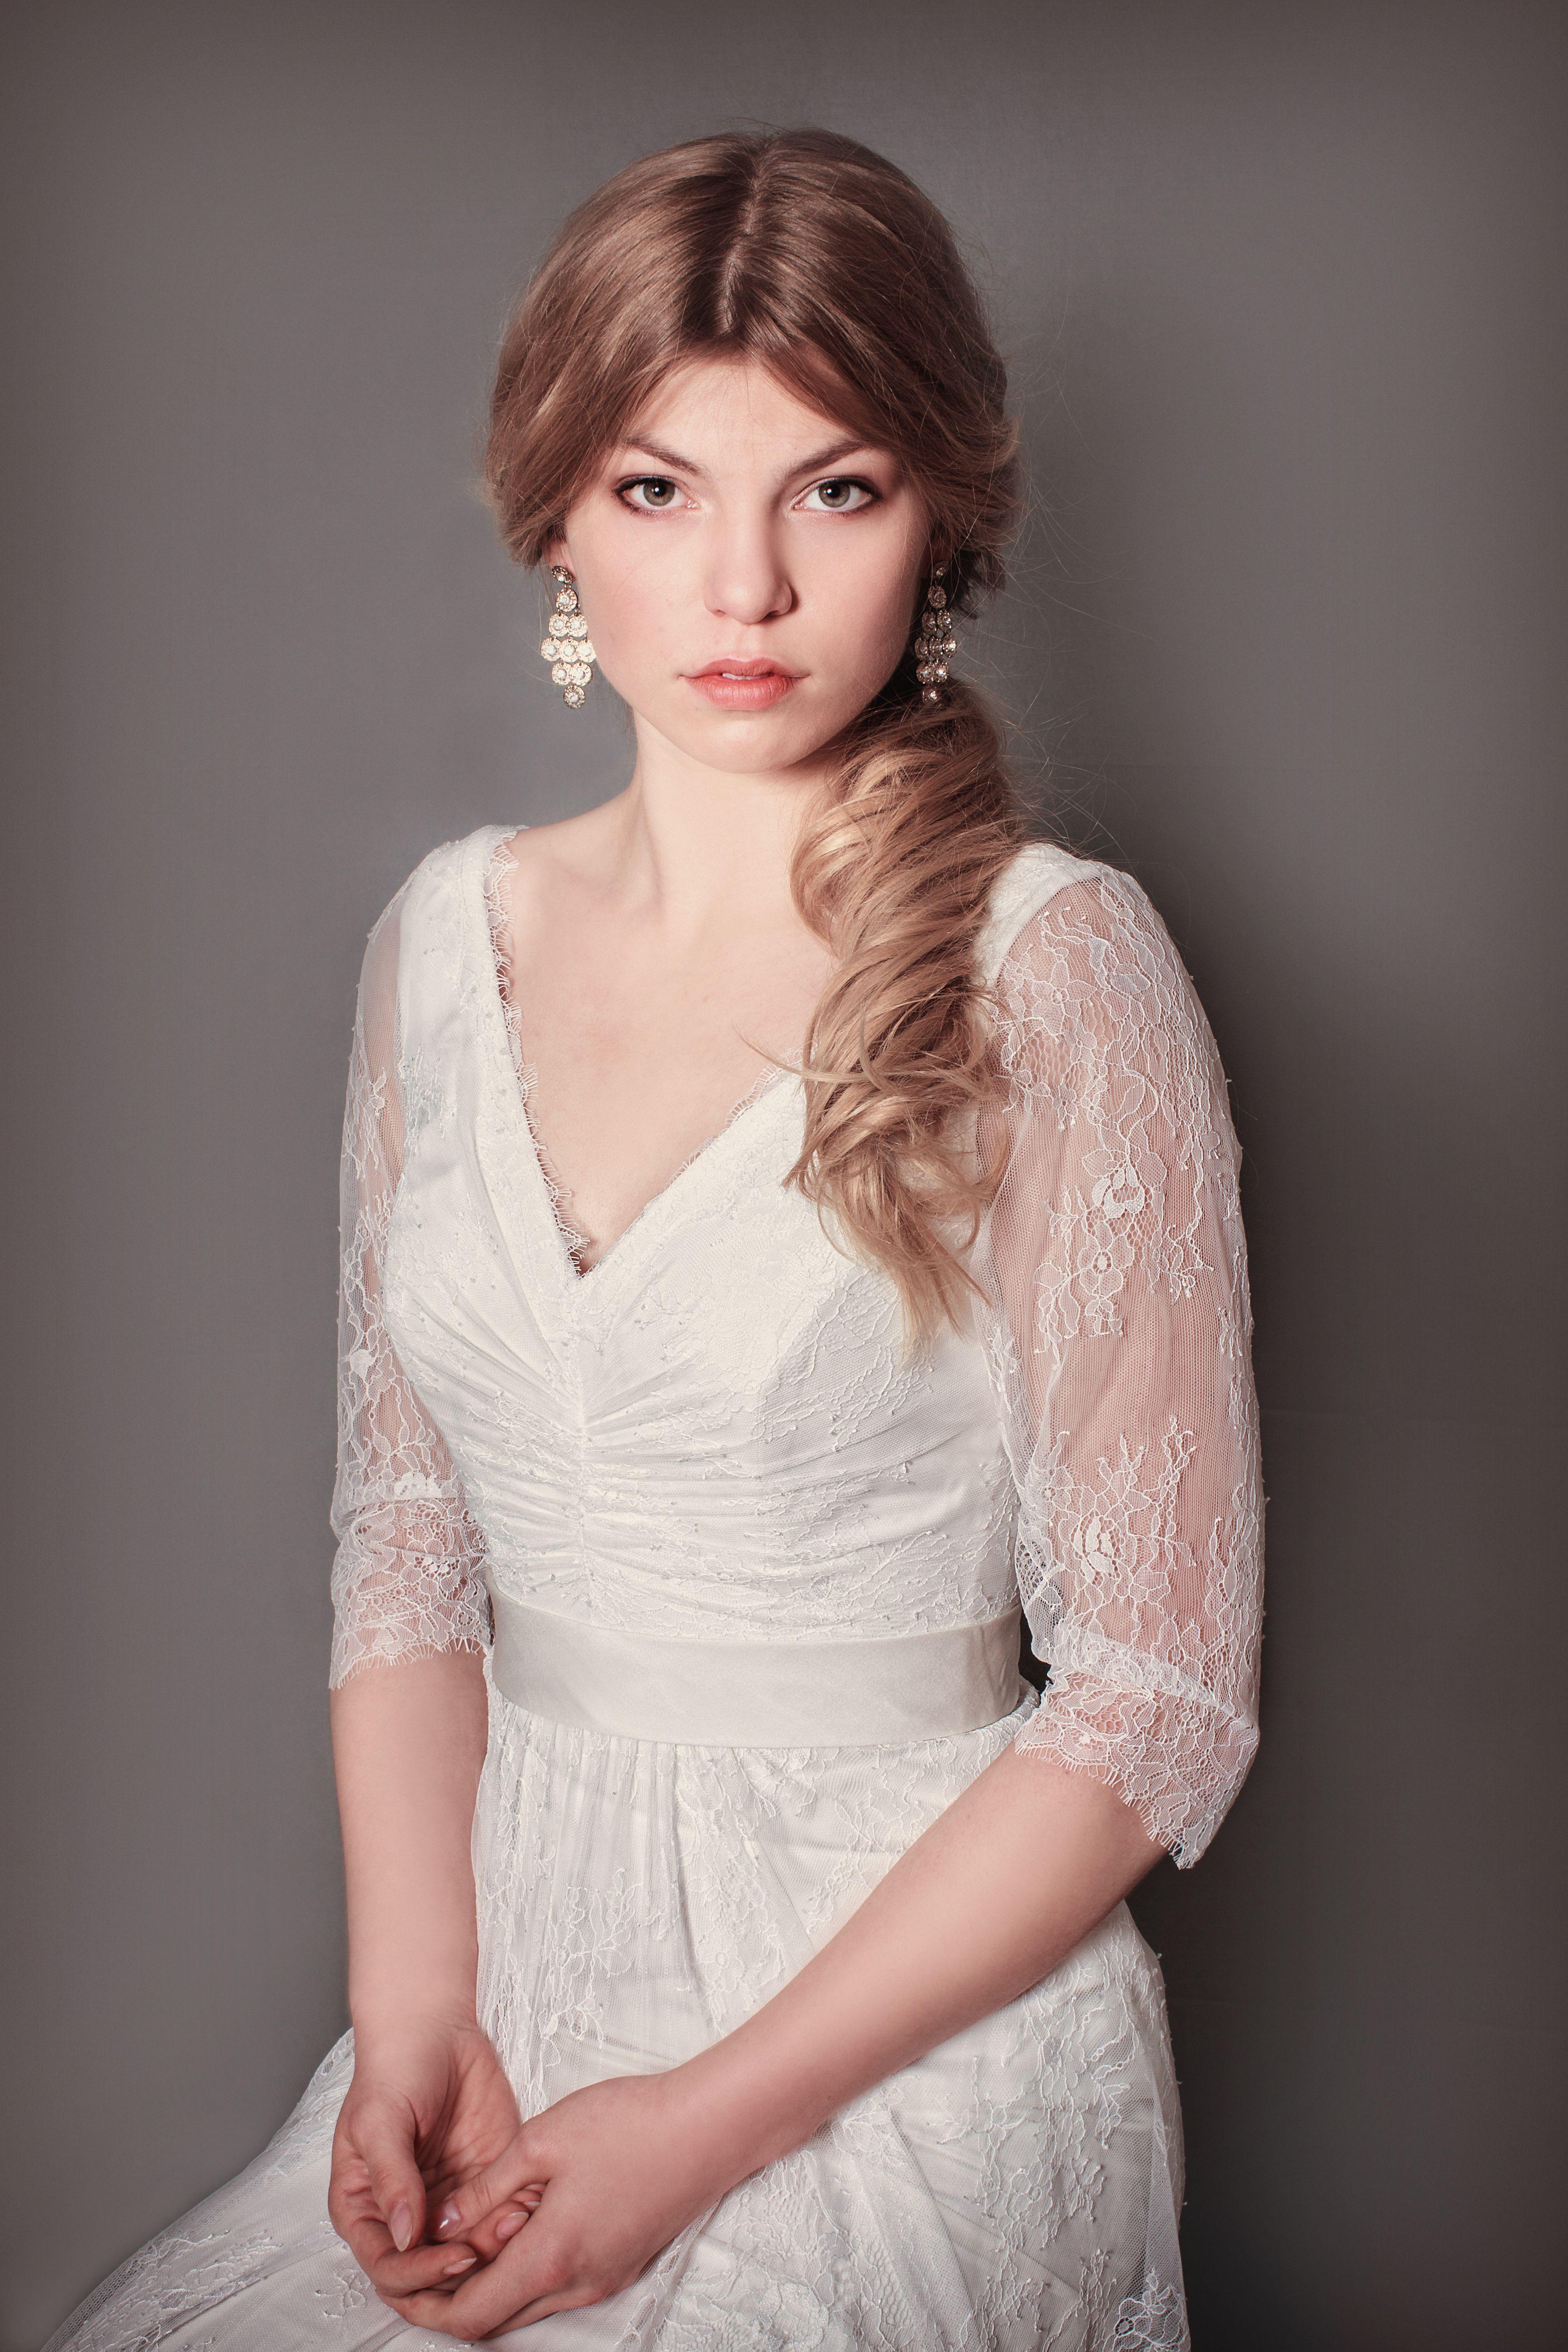 Vintage Bridal Gown of Felicita Design, Lace Brautkleid mit Ärmeln ...